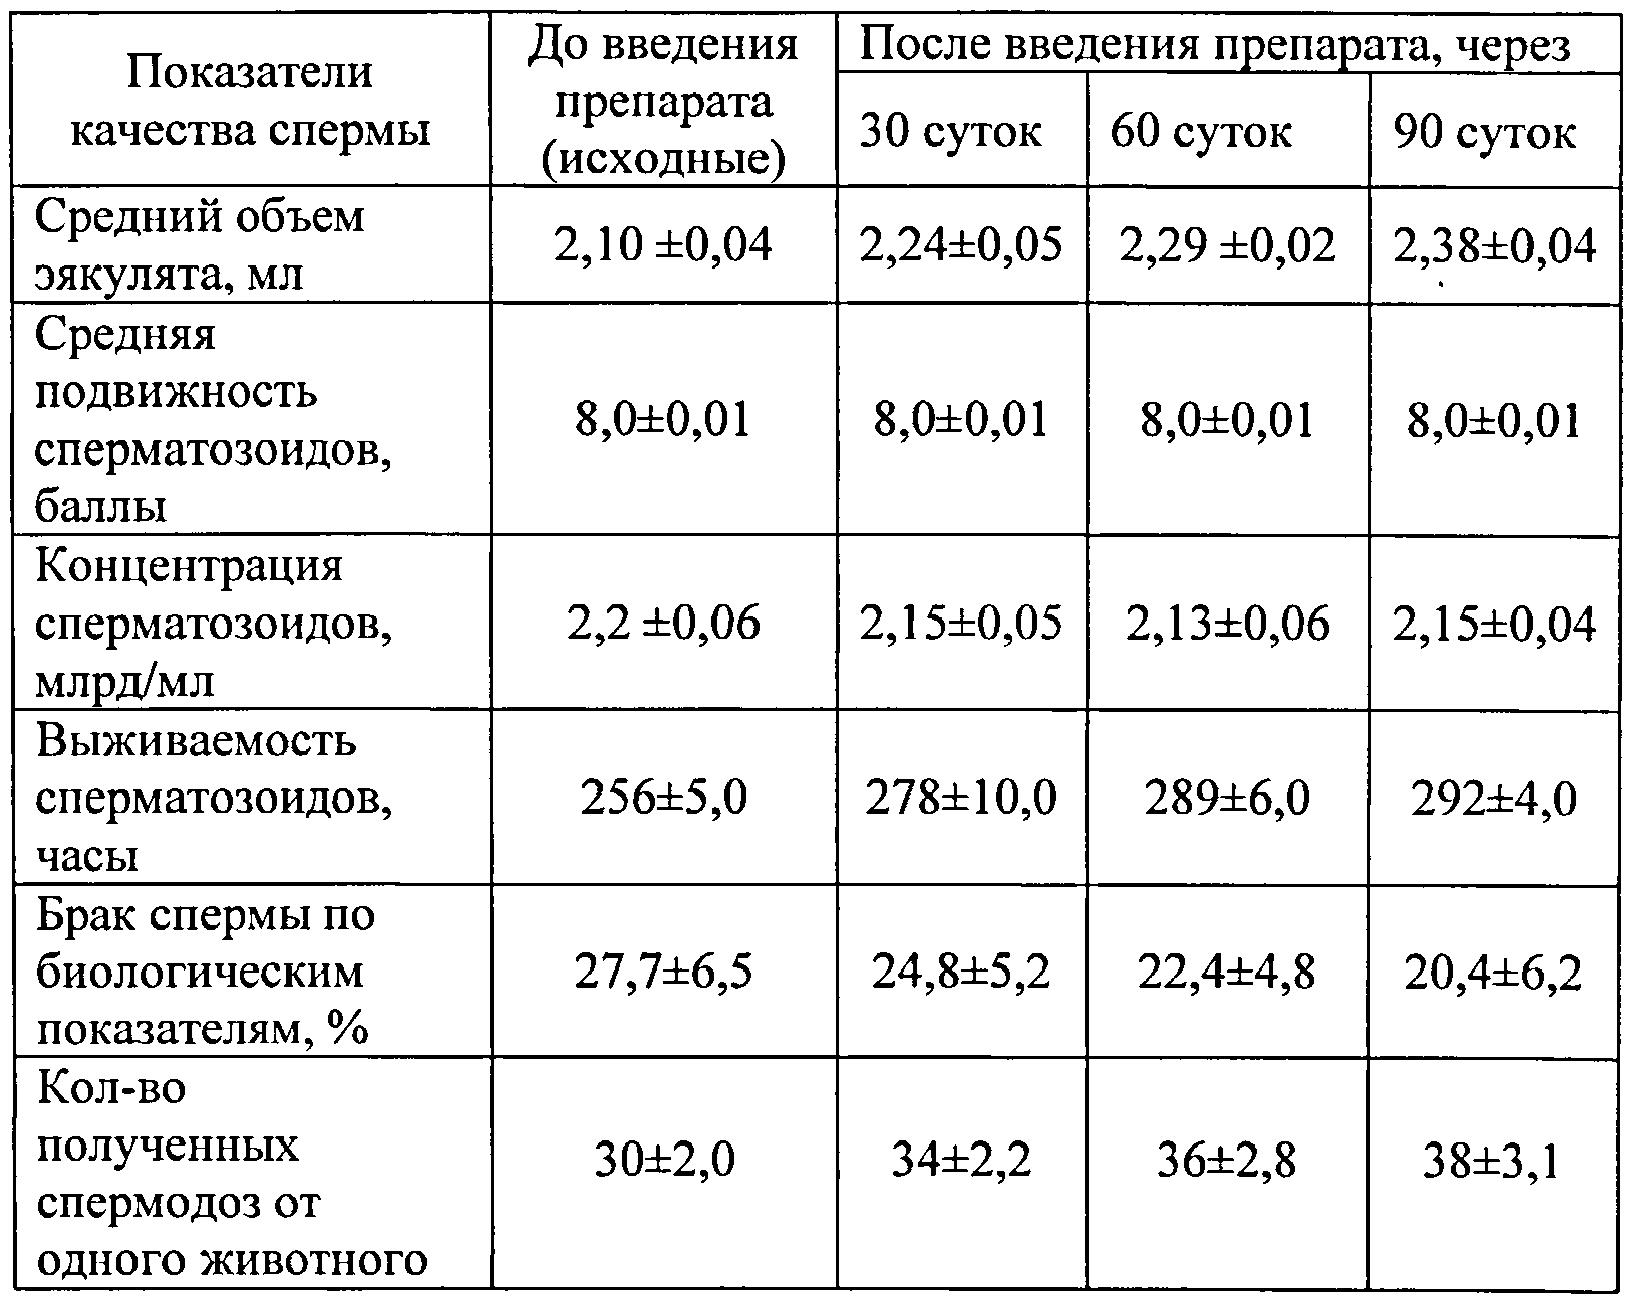 sredstvo-dlya-uvelicheniya-obema-spermi